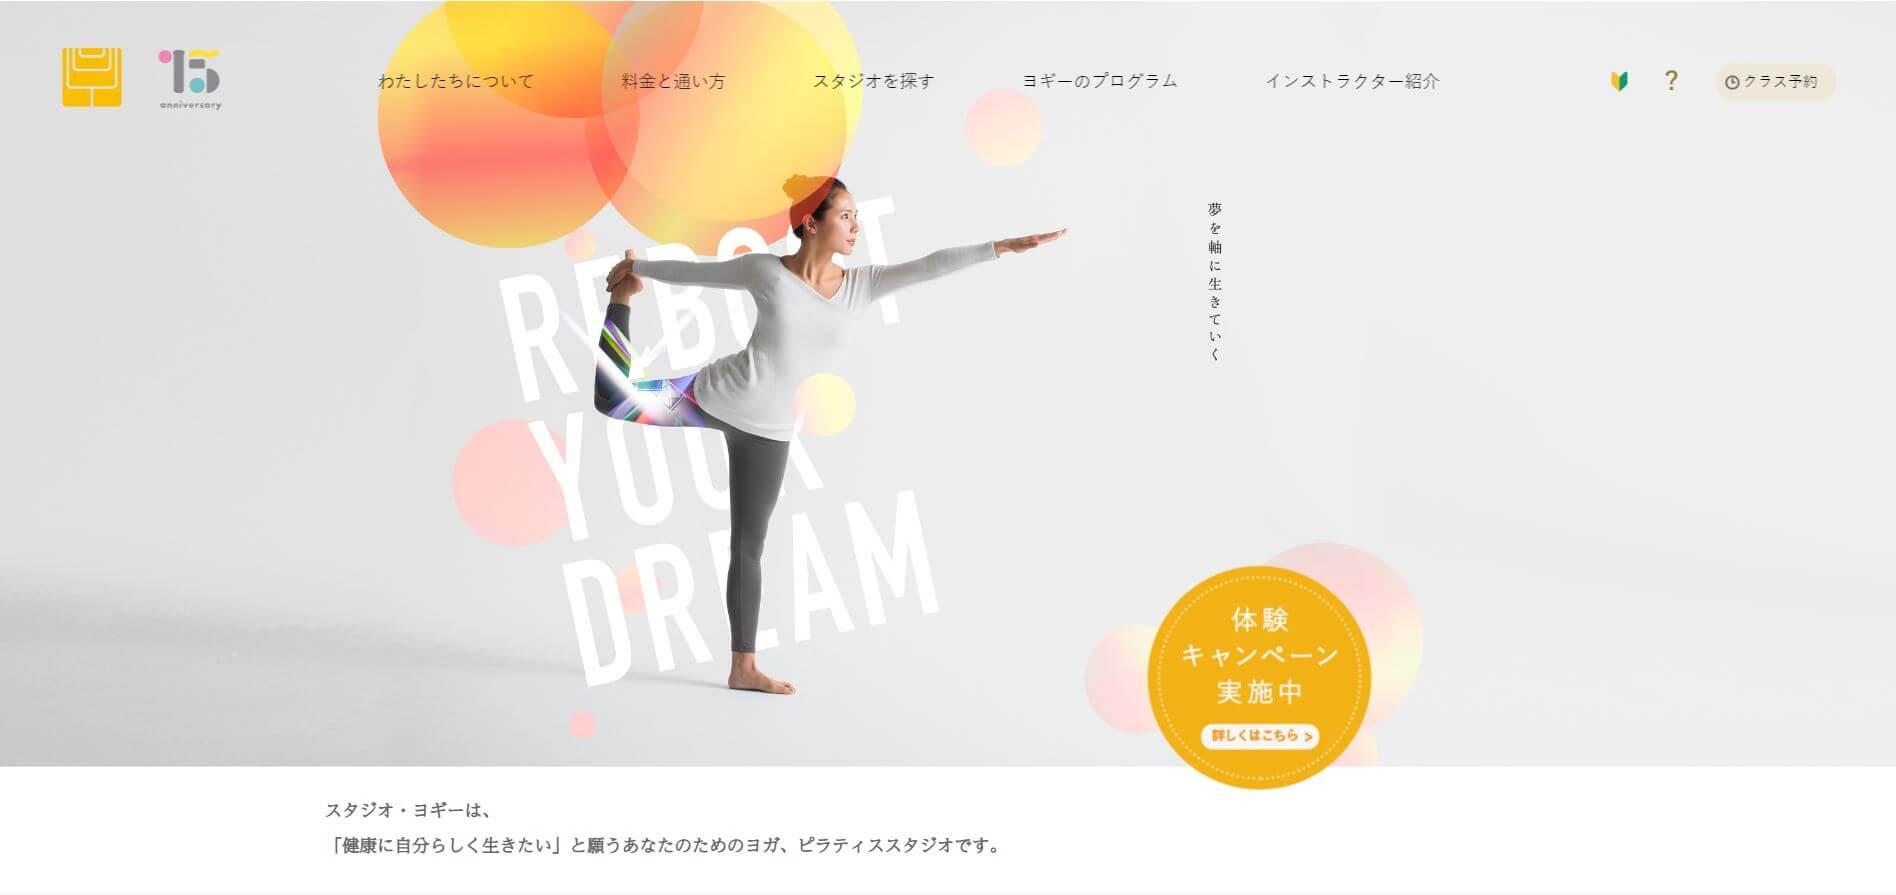 studio yoggy(スタジオ ヨギー)